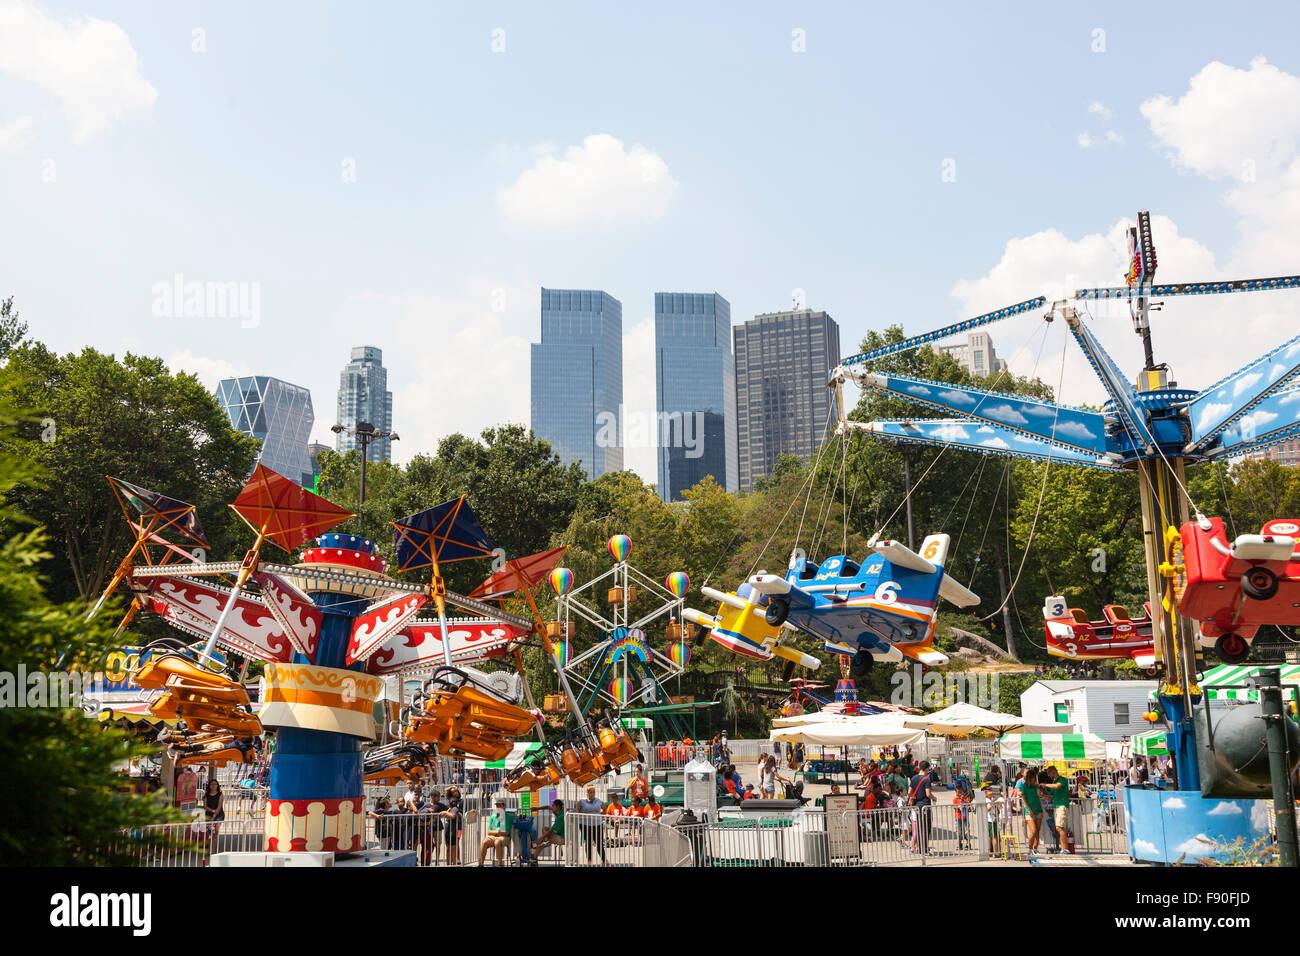 Victoria Gardens Amusement Park In Central Park, Manhattan, New York City,  USA